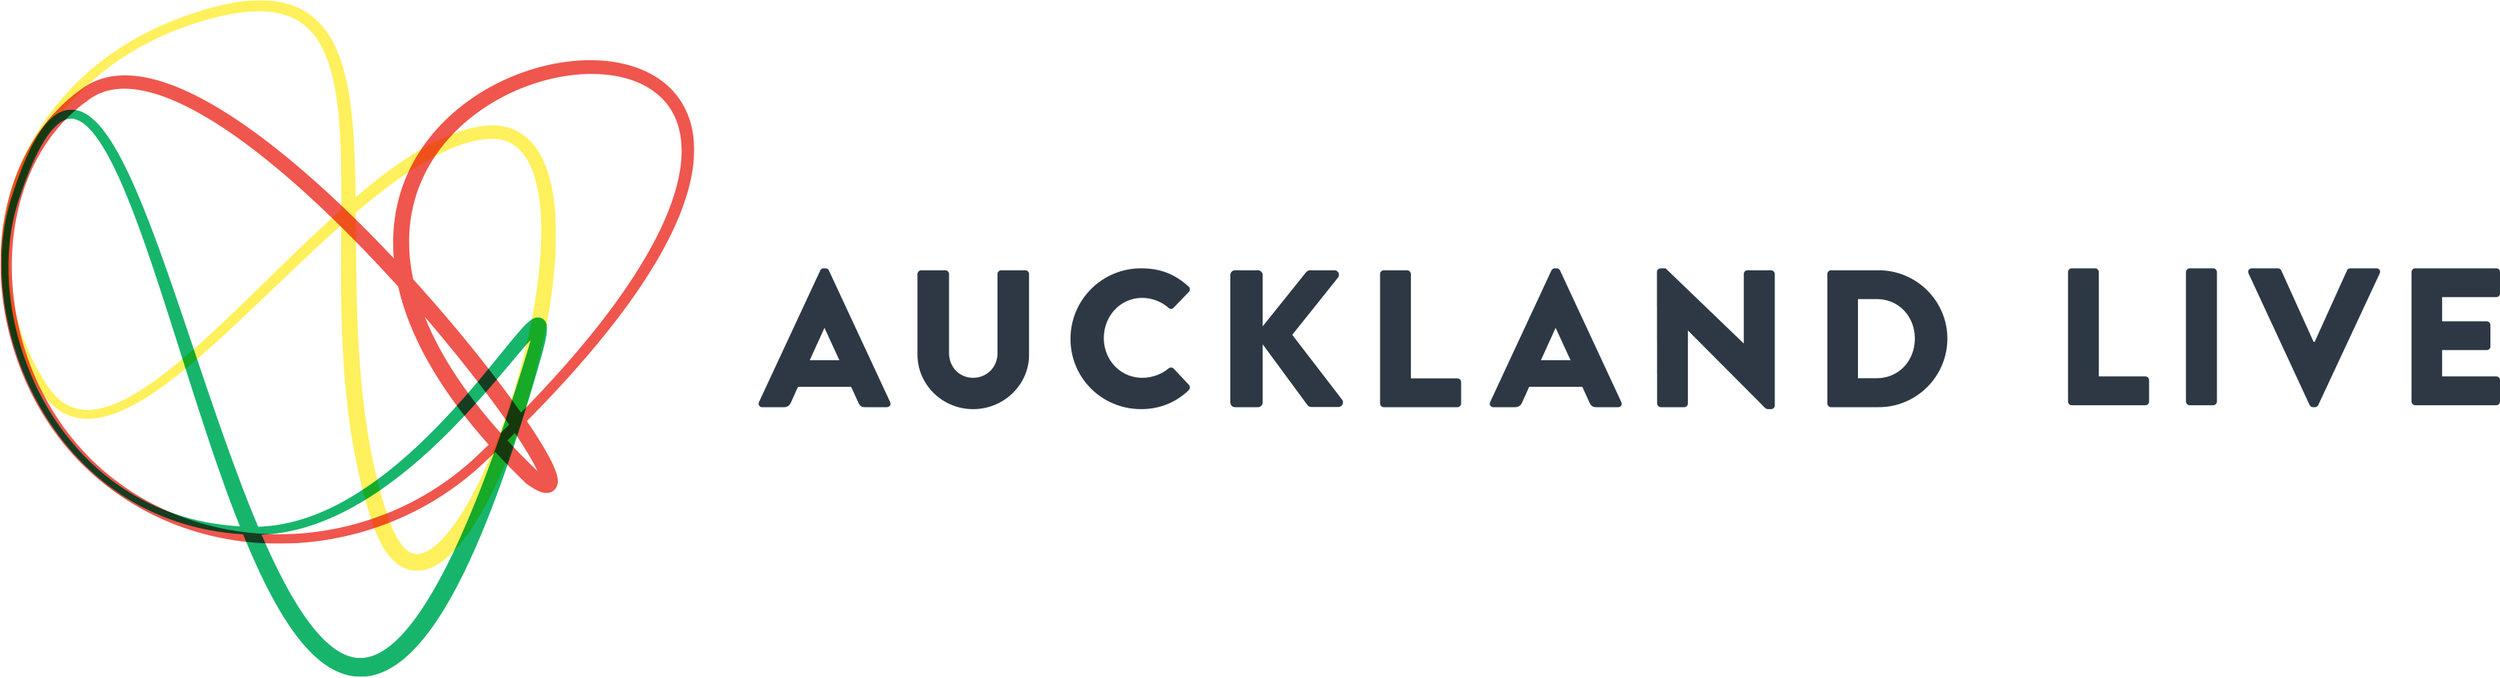 auckland-livelogohorzrgbpos.jpg